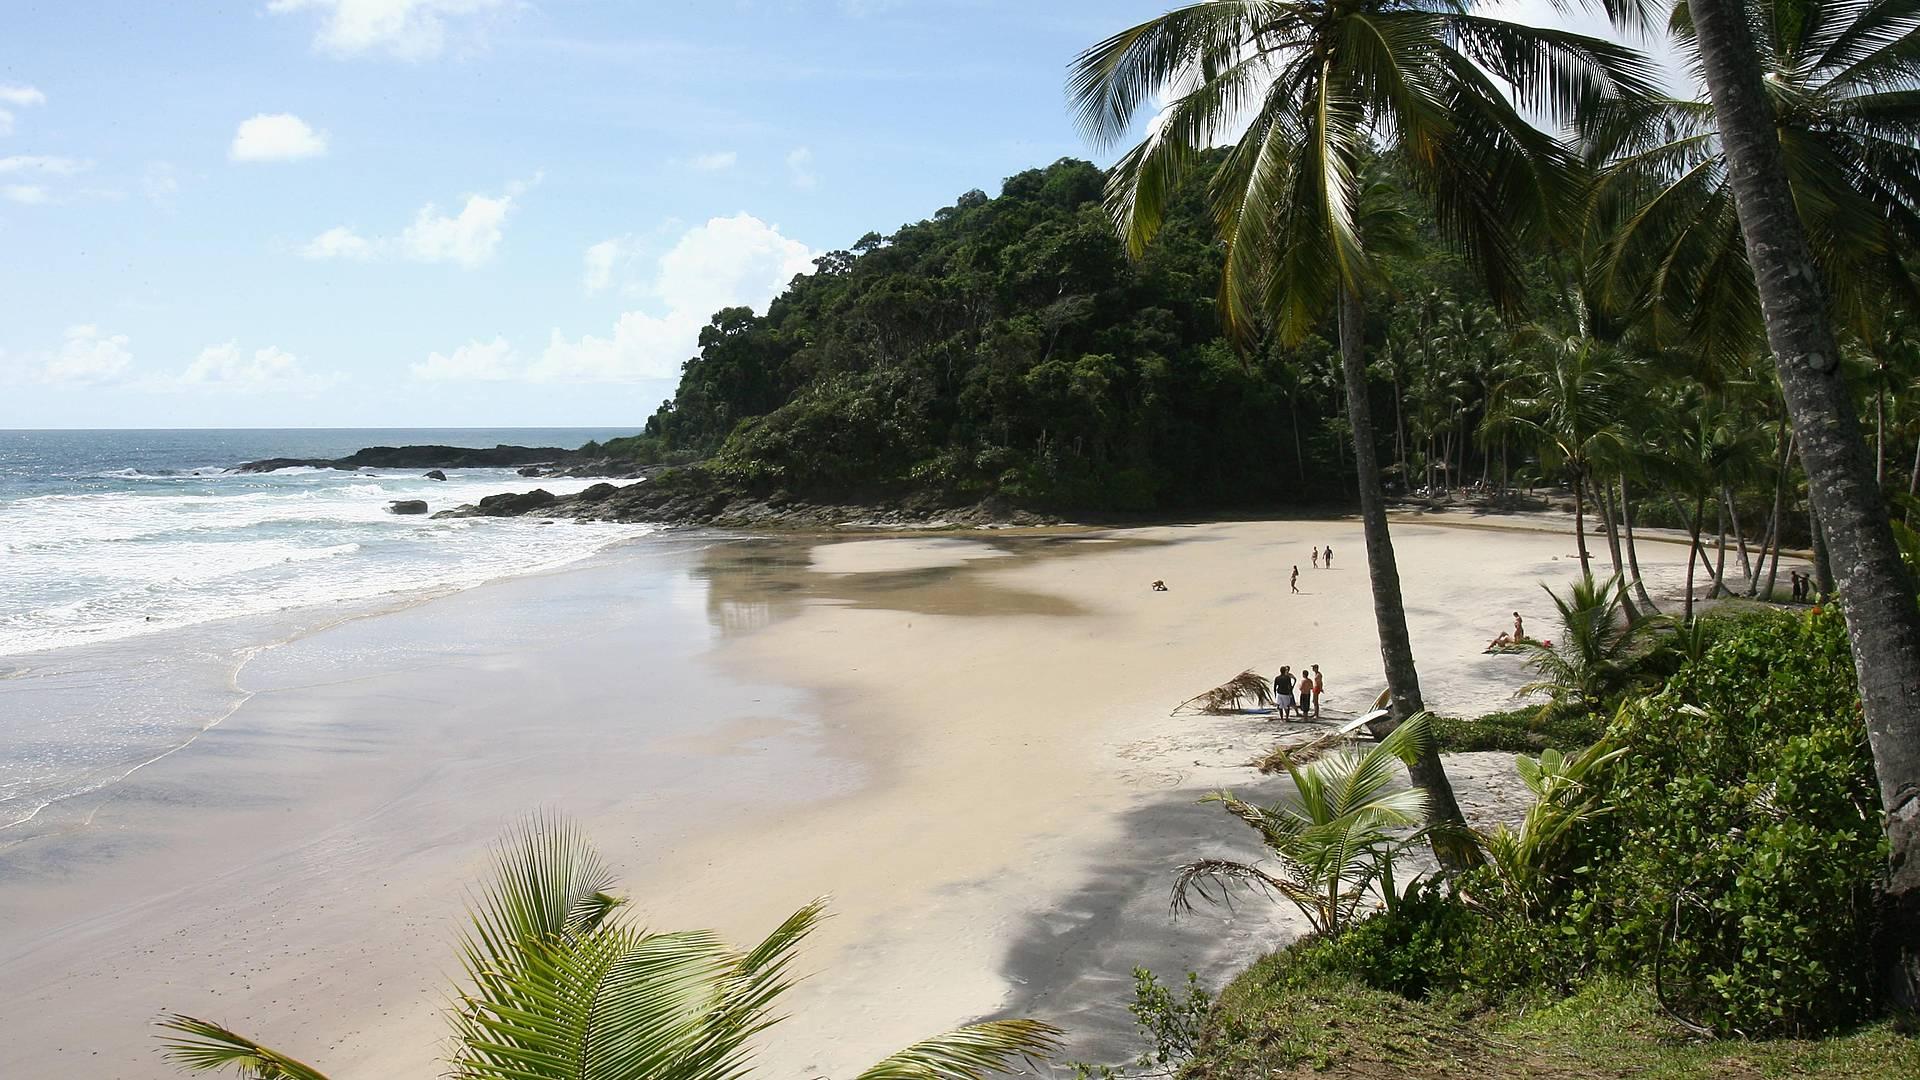 Bahia slow travel - cultura, natura e spiagge incontaminate